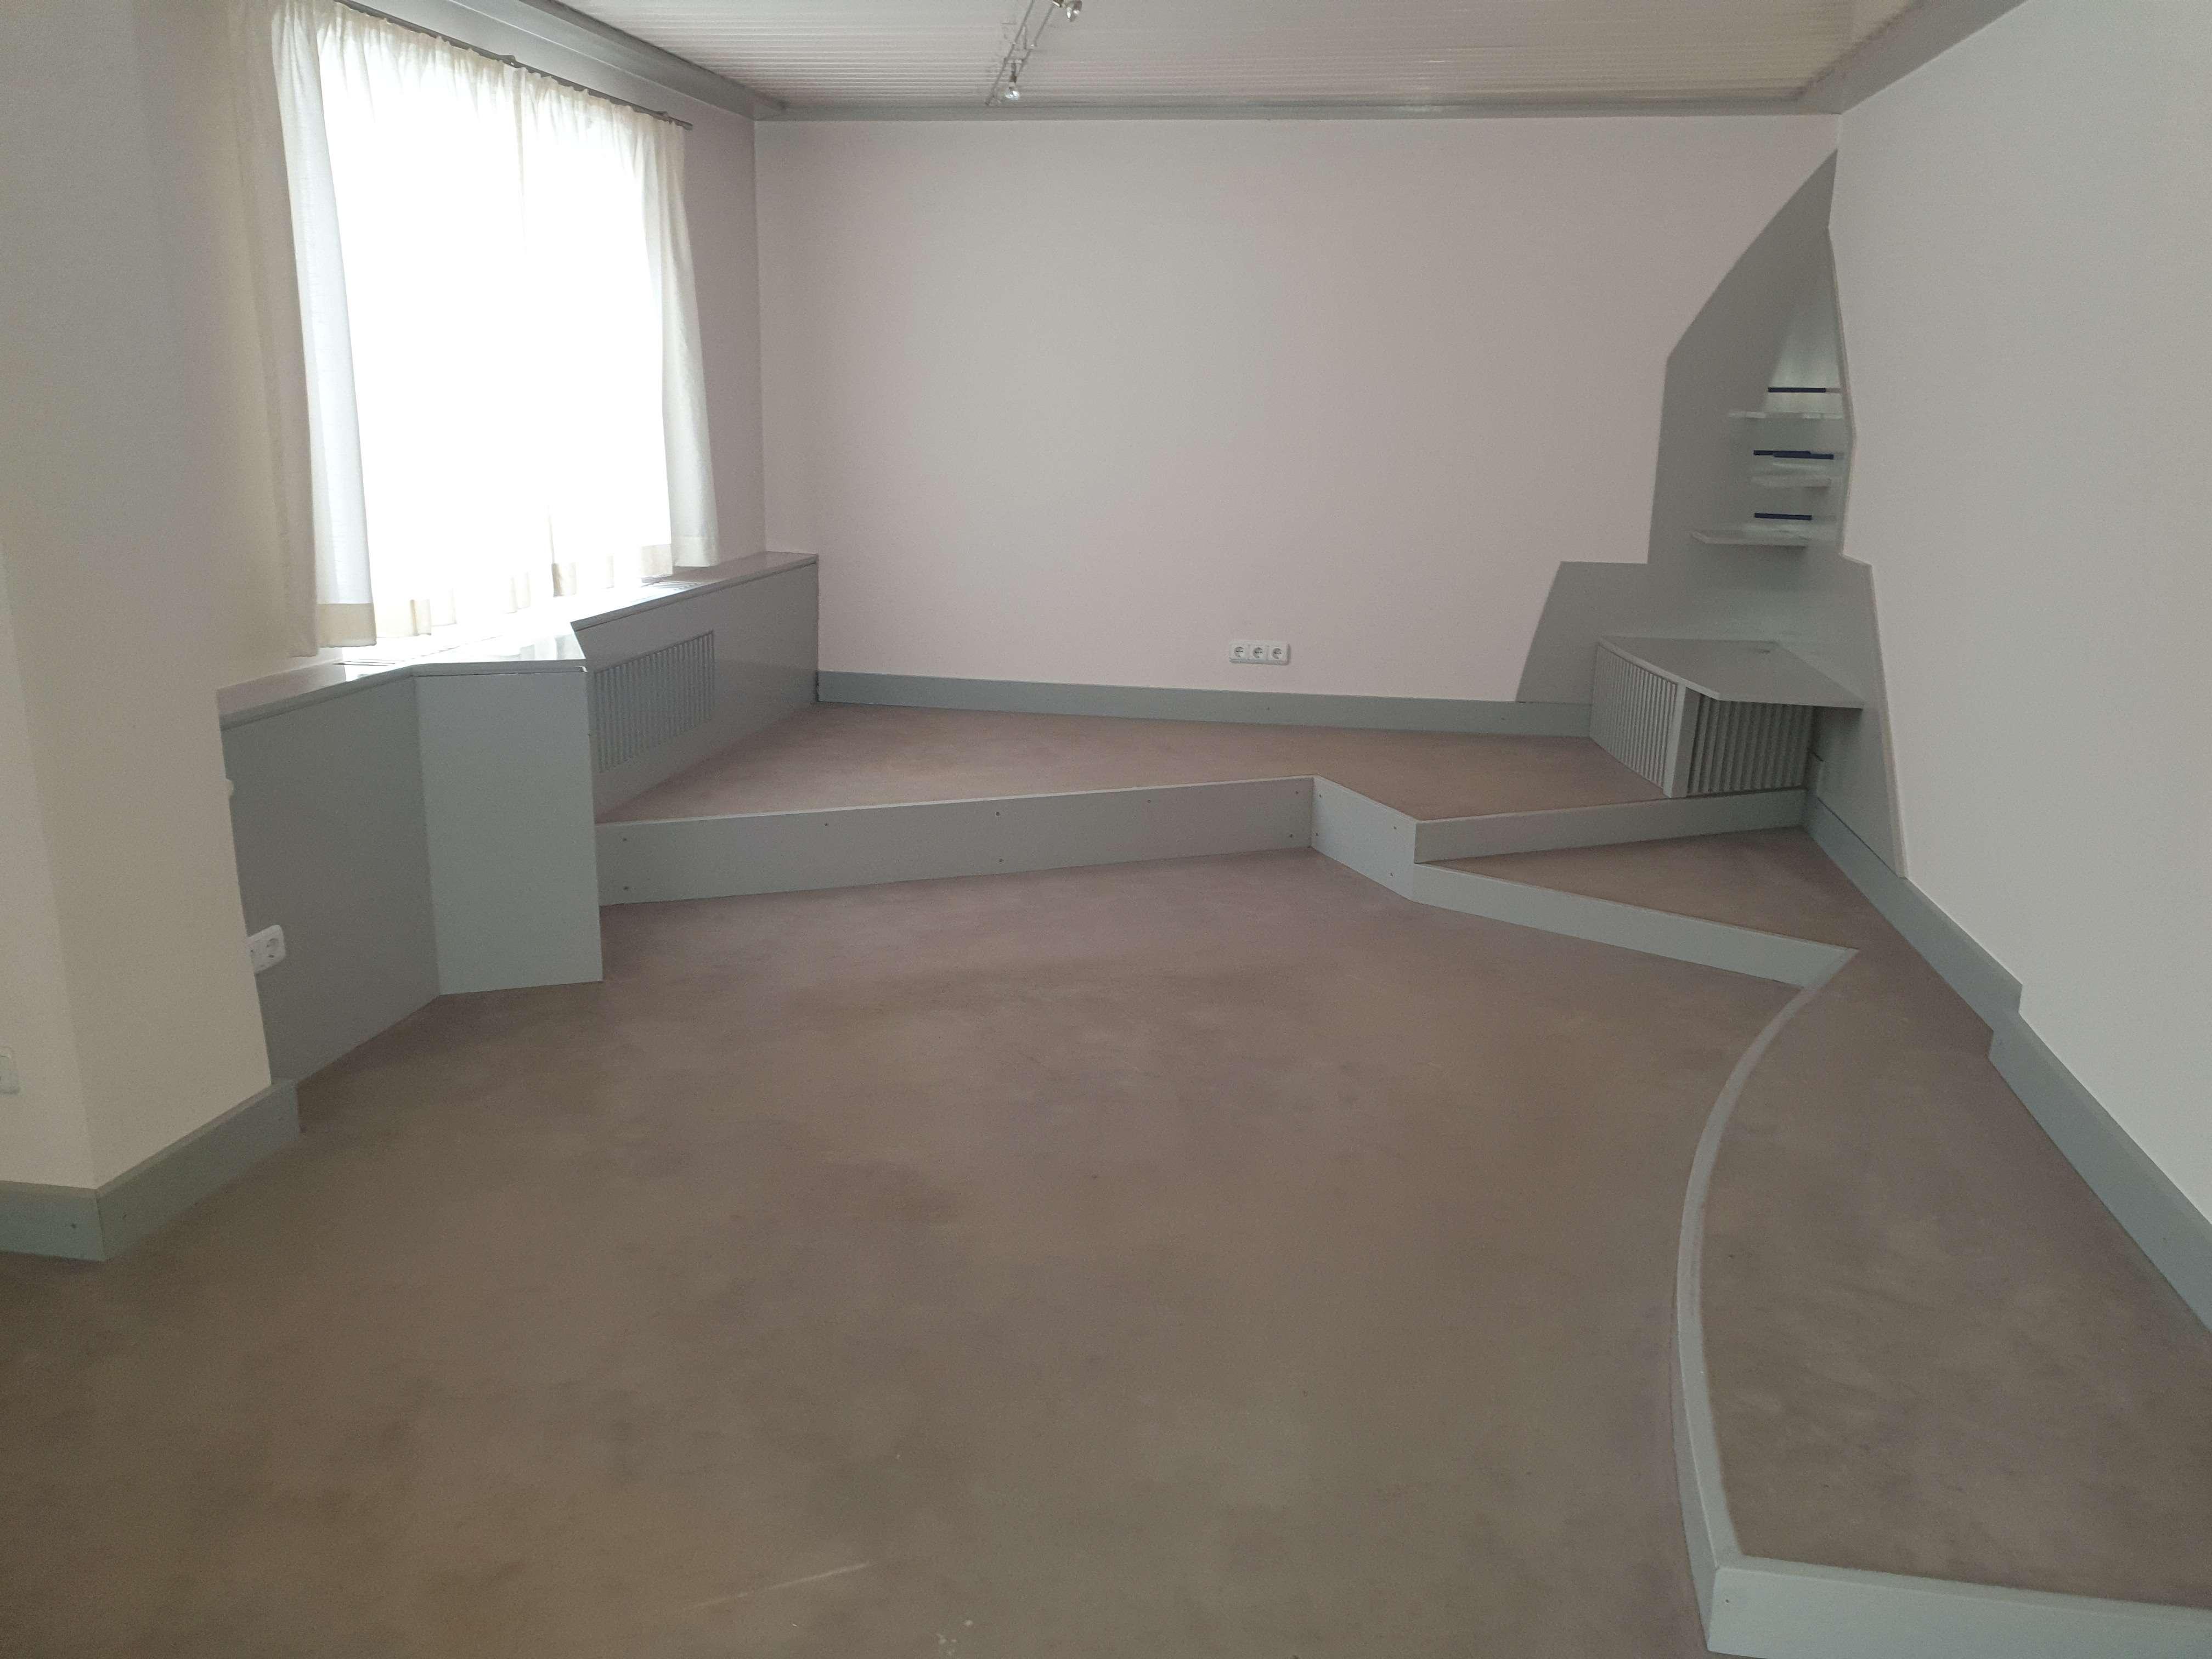 Besondere 4-Zimmer-Wohnung auf zwei Etagen in Reichertshofen in